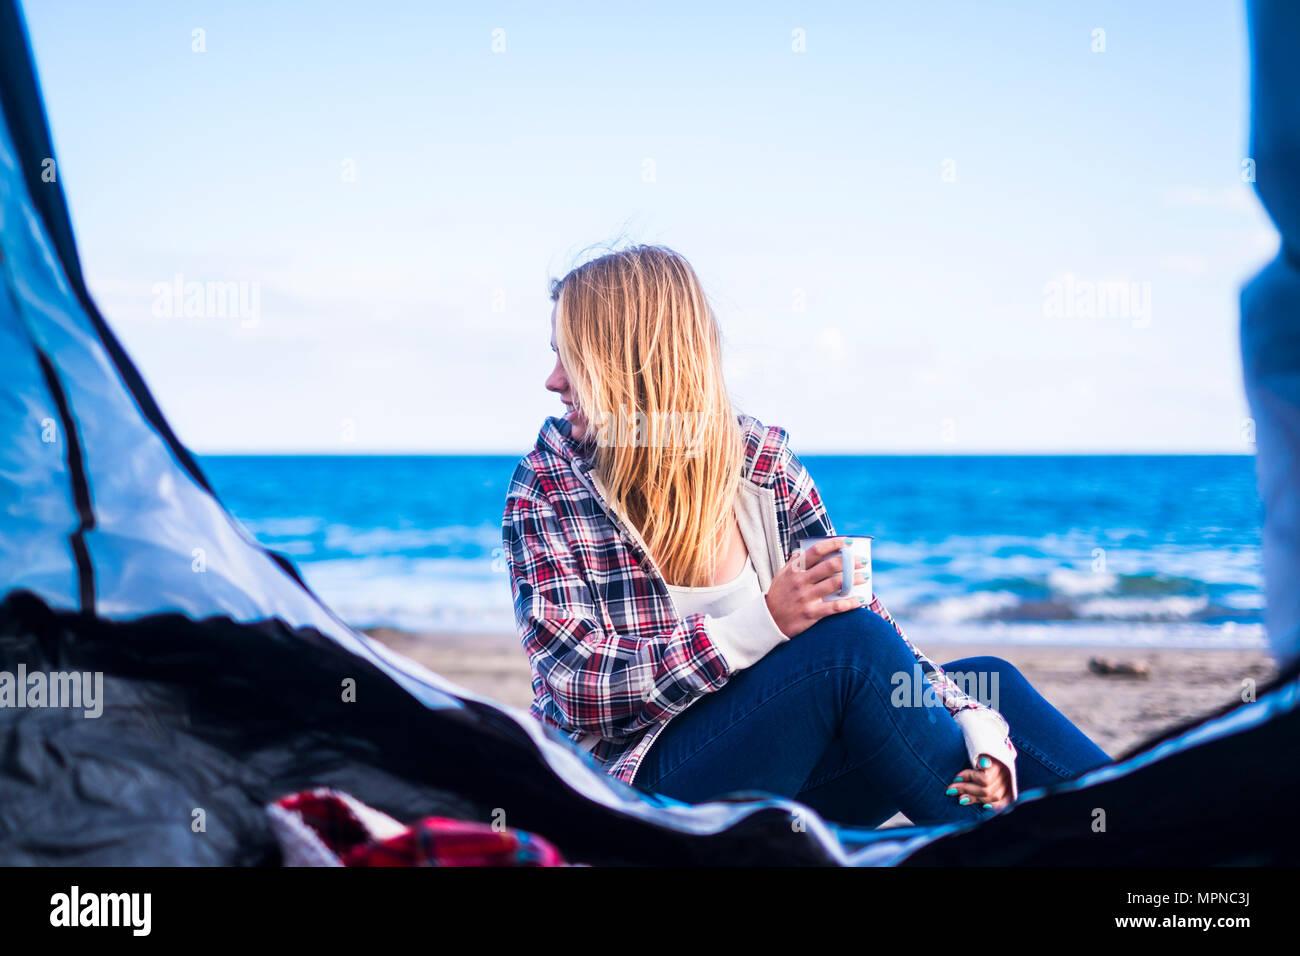 Forme alternative di vita e il concetto di vacanza per bionda ragazza carina sedersi guardando l'oceano sulla porta della sua tenda. Tenerife locetion. Immagini Stock